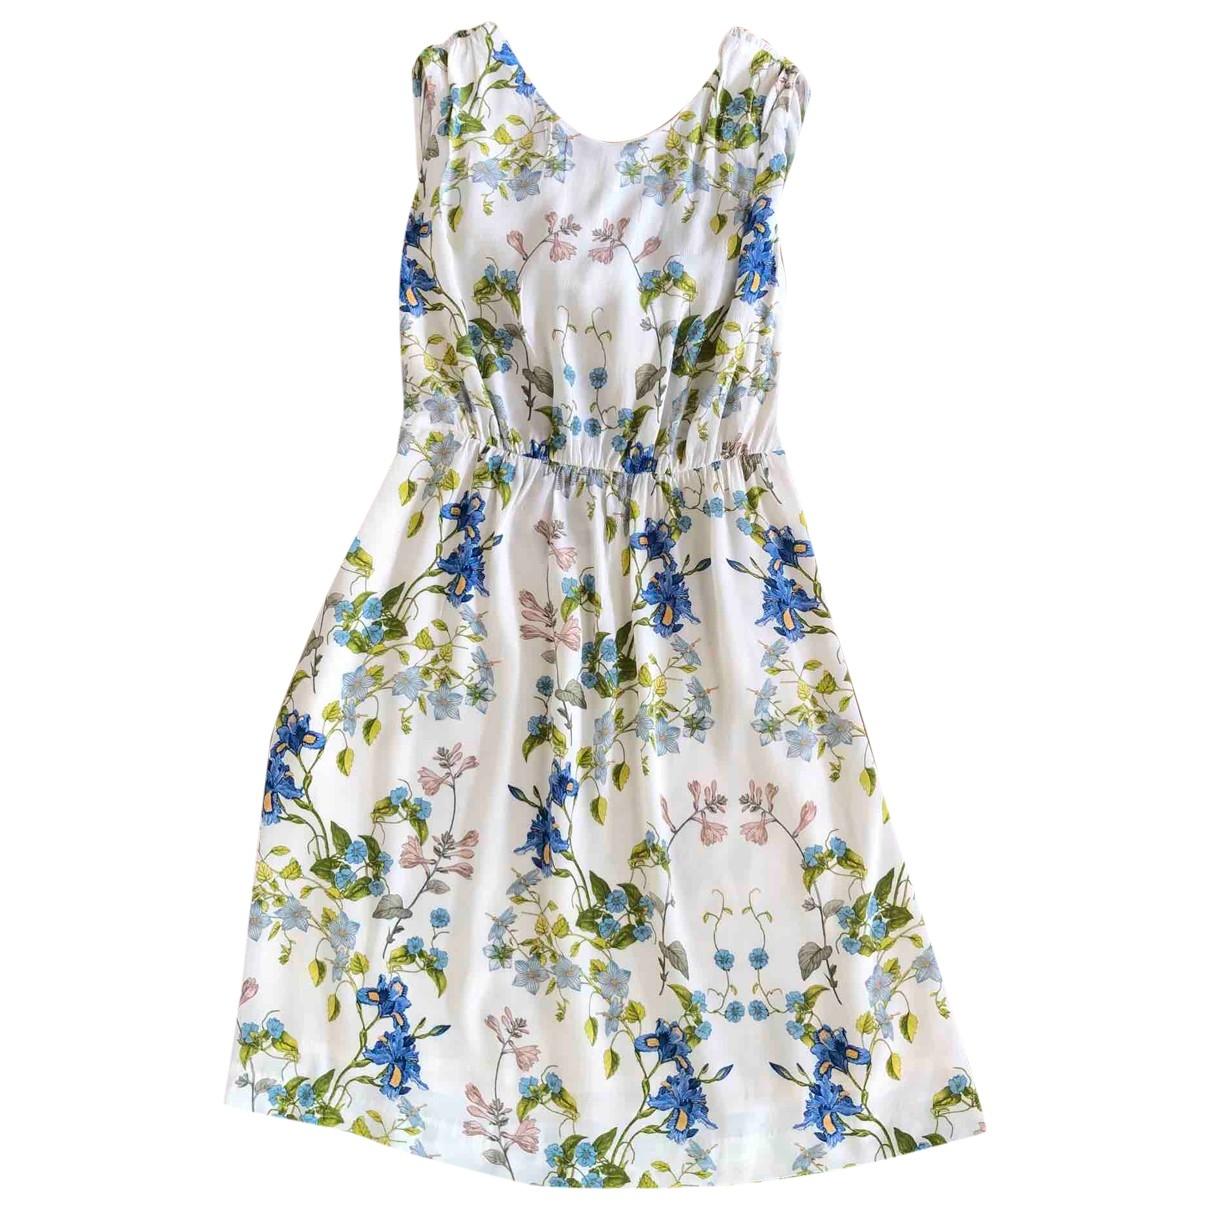 Zara \N Kleid in  Ecru Viskose